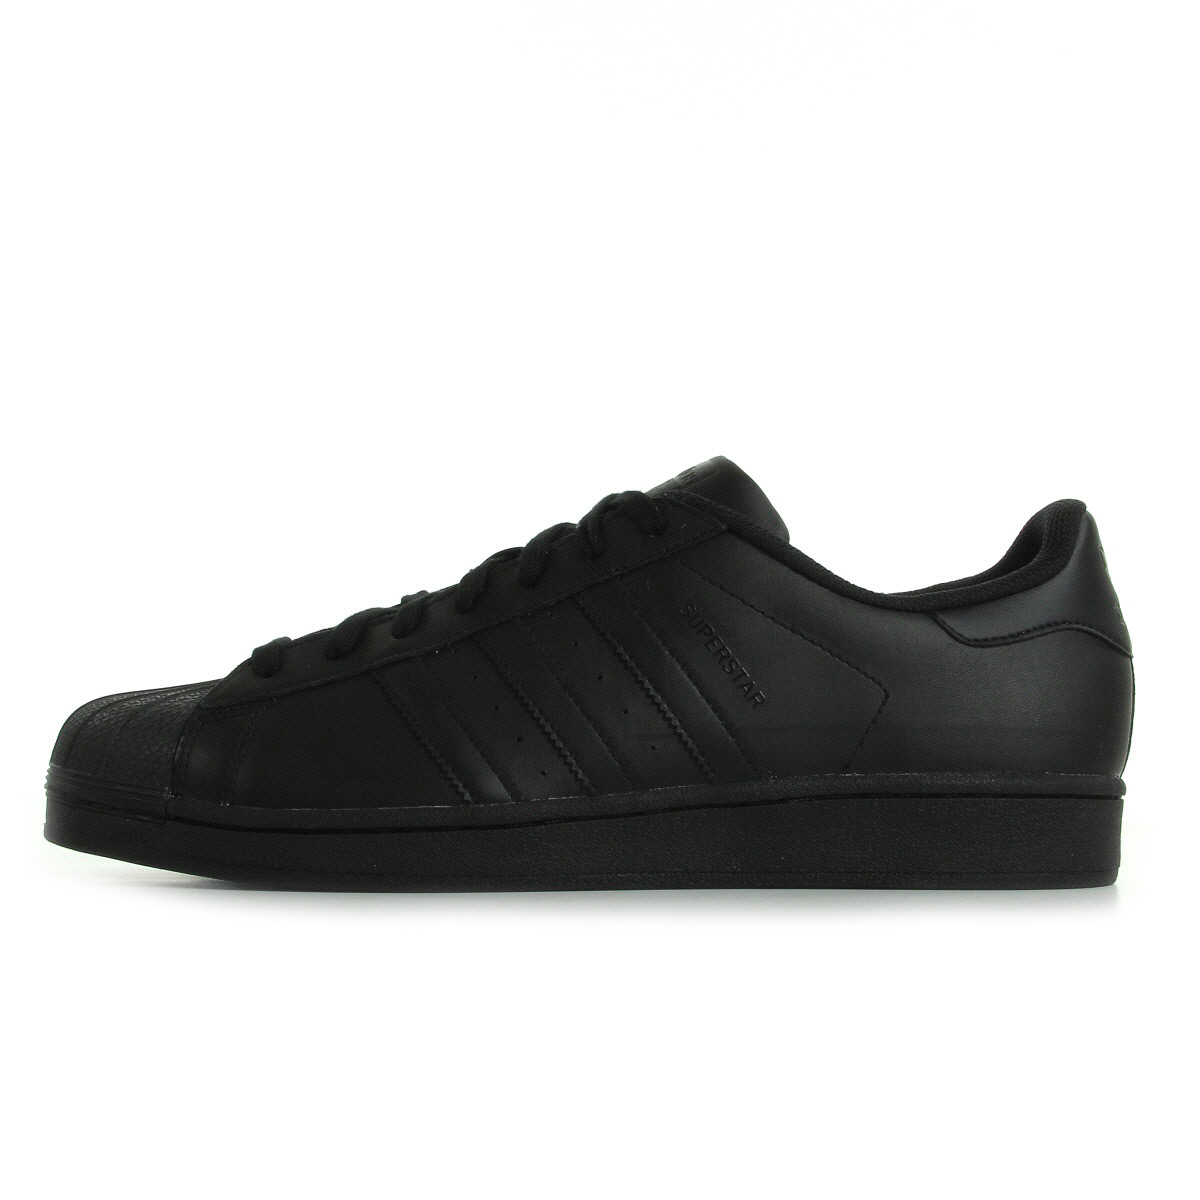 adidas superstar 2 noir femme porté-etwinning.fr 6a441bbc86